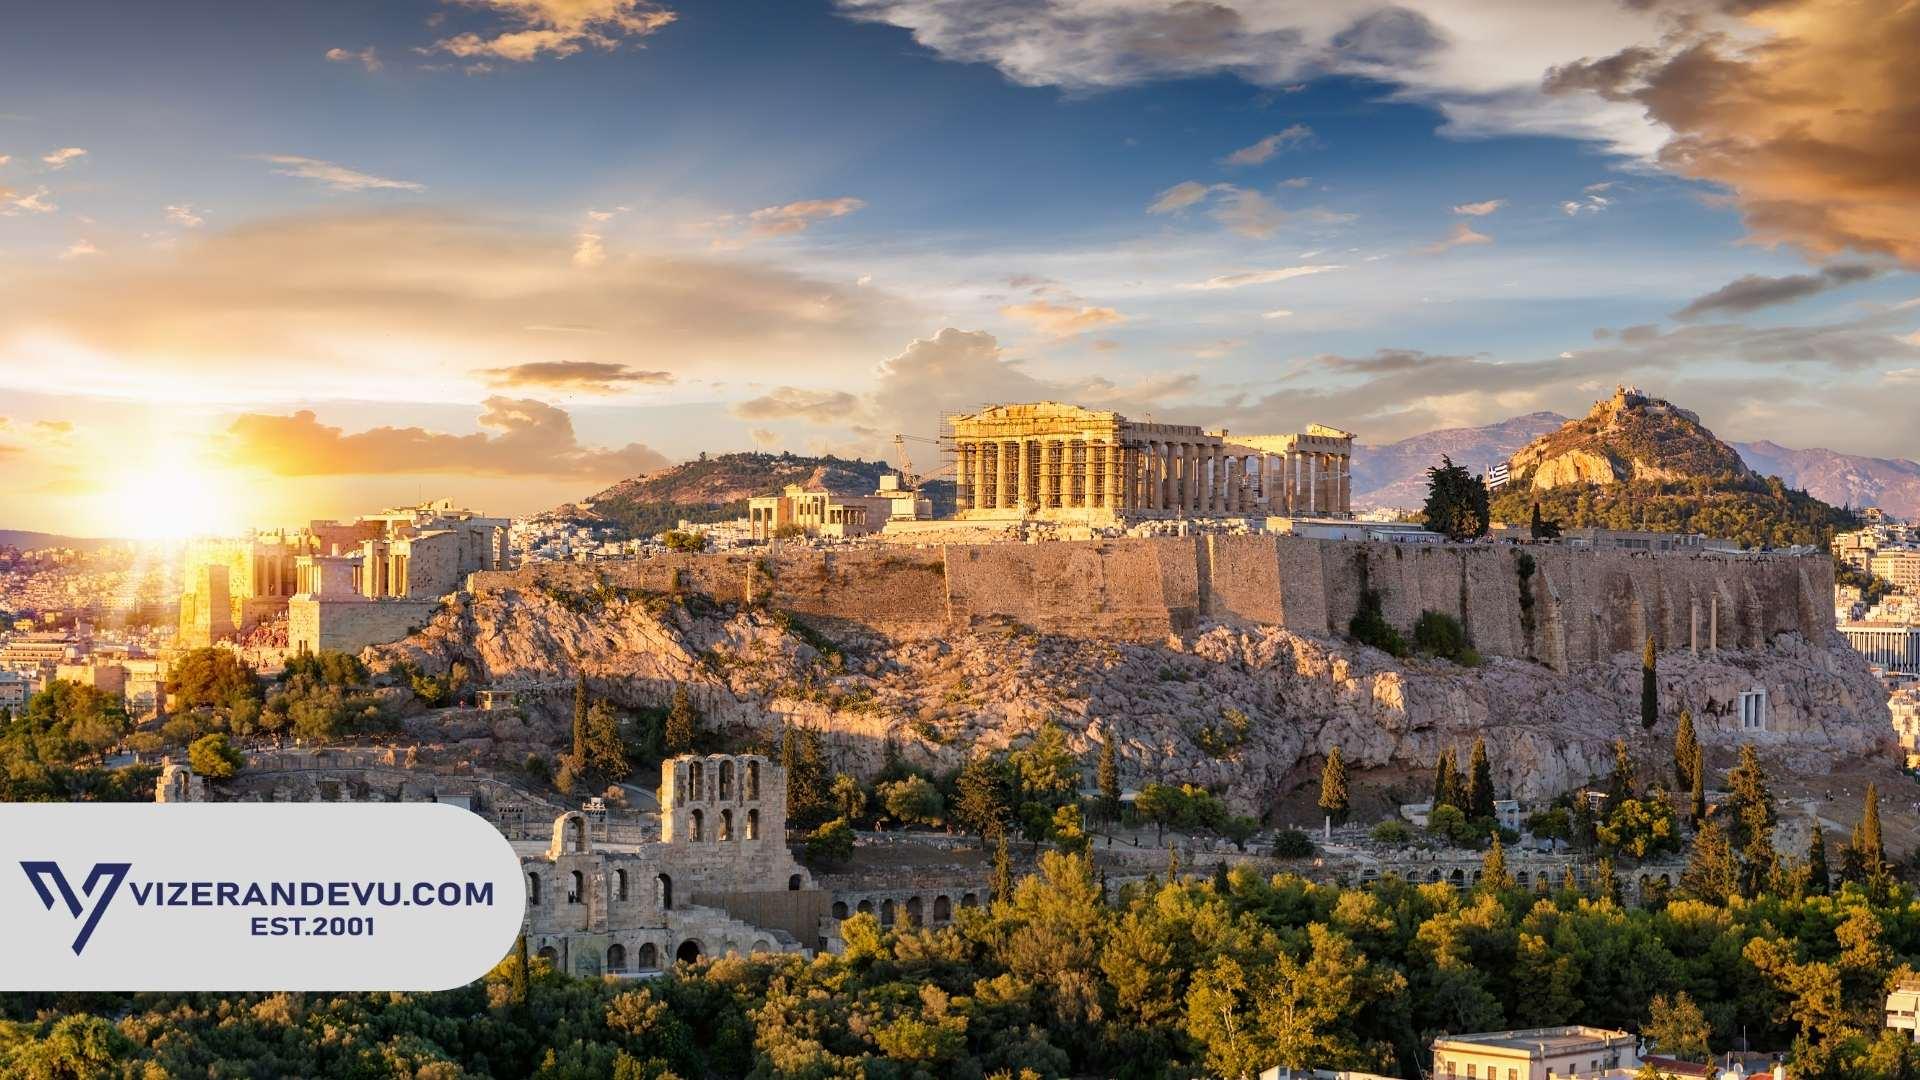 Yunanistan Vize Ücretinin Ödenmesi